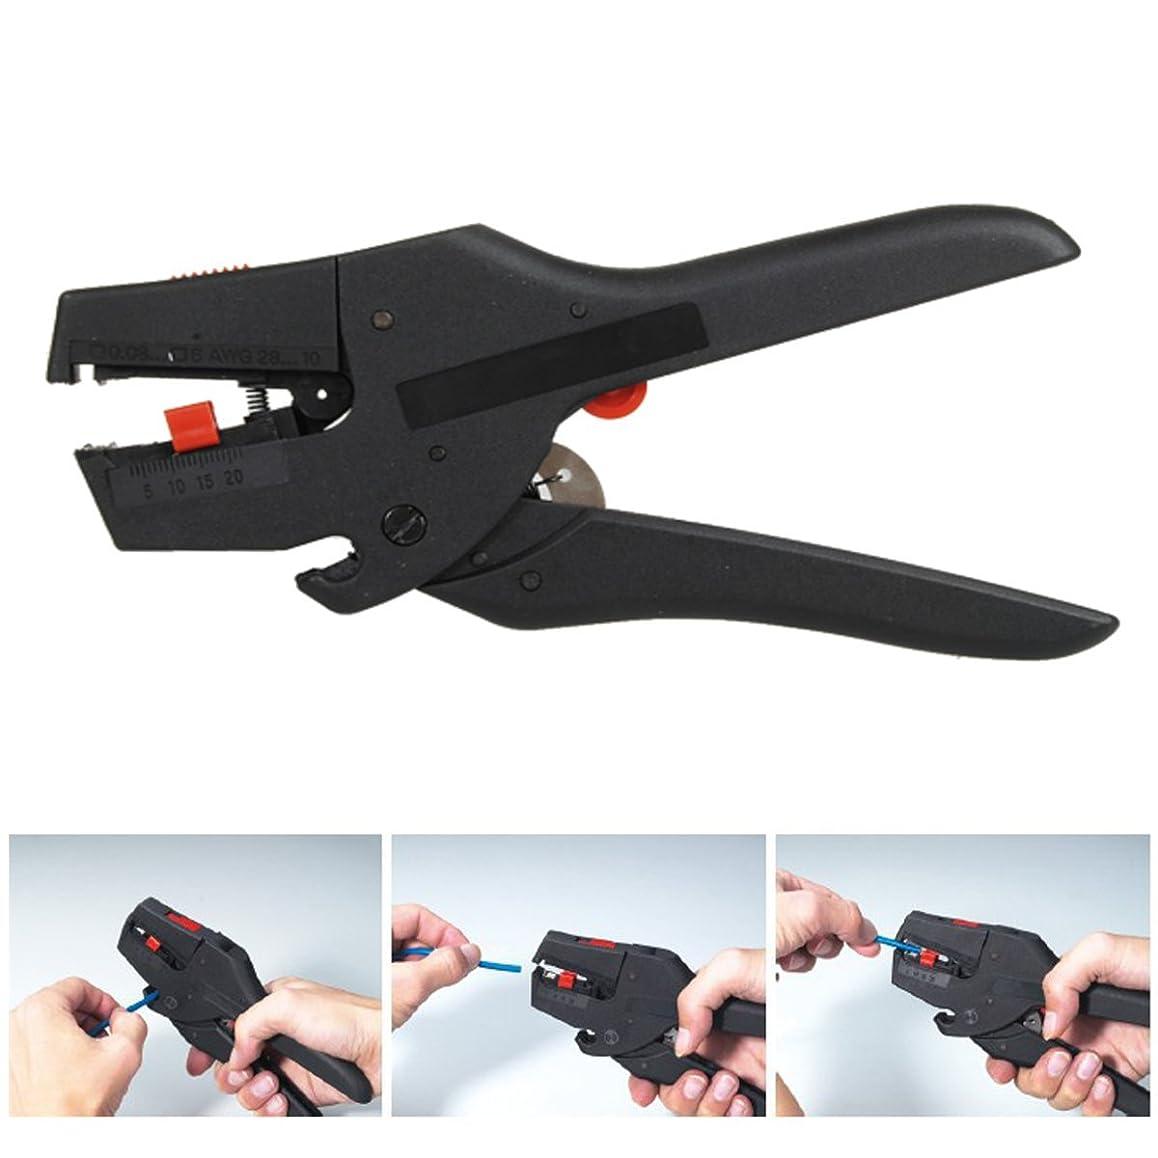 予定不潔合理的ワイヤーストリッパー Drillpro 自動ワイヤーストリッパー プロ 多機能 絶縁 ストリッパー 圧着ストリップ ストリップ線径 自動調整 カッター 0.08~4mm2 ブラック